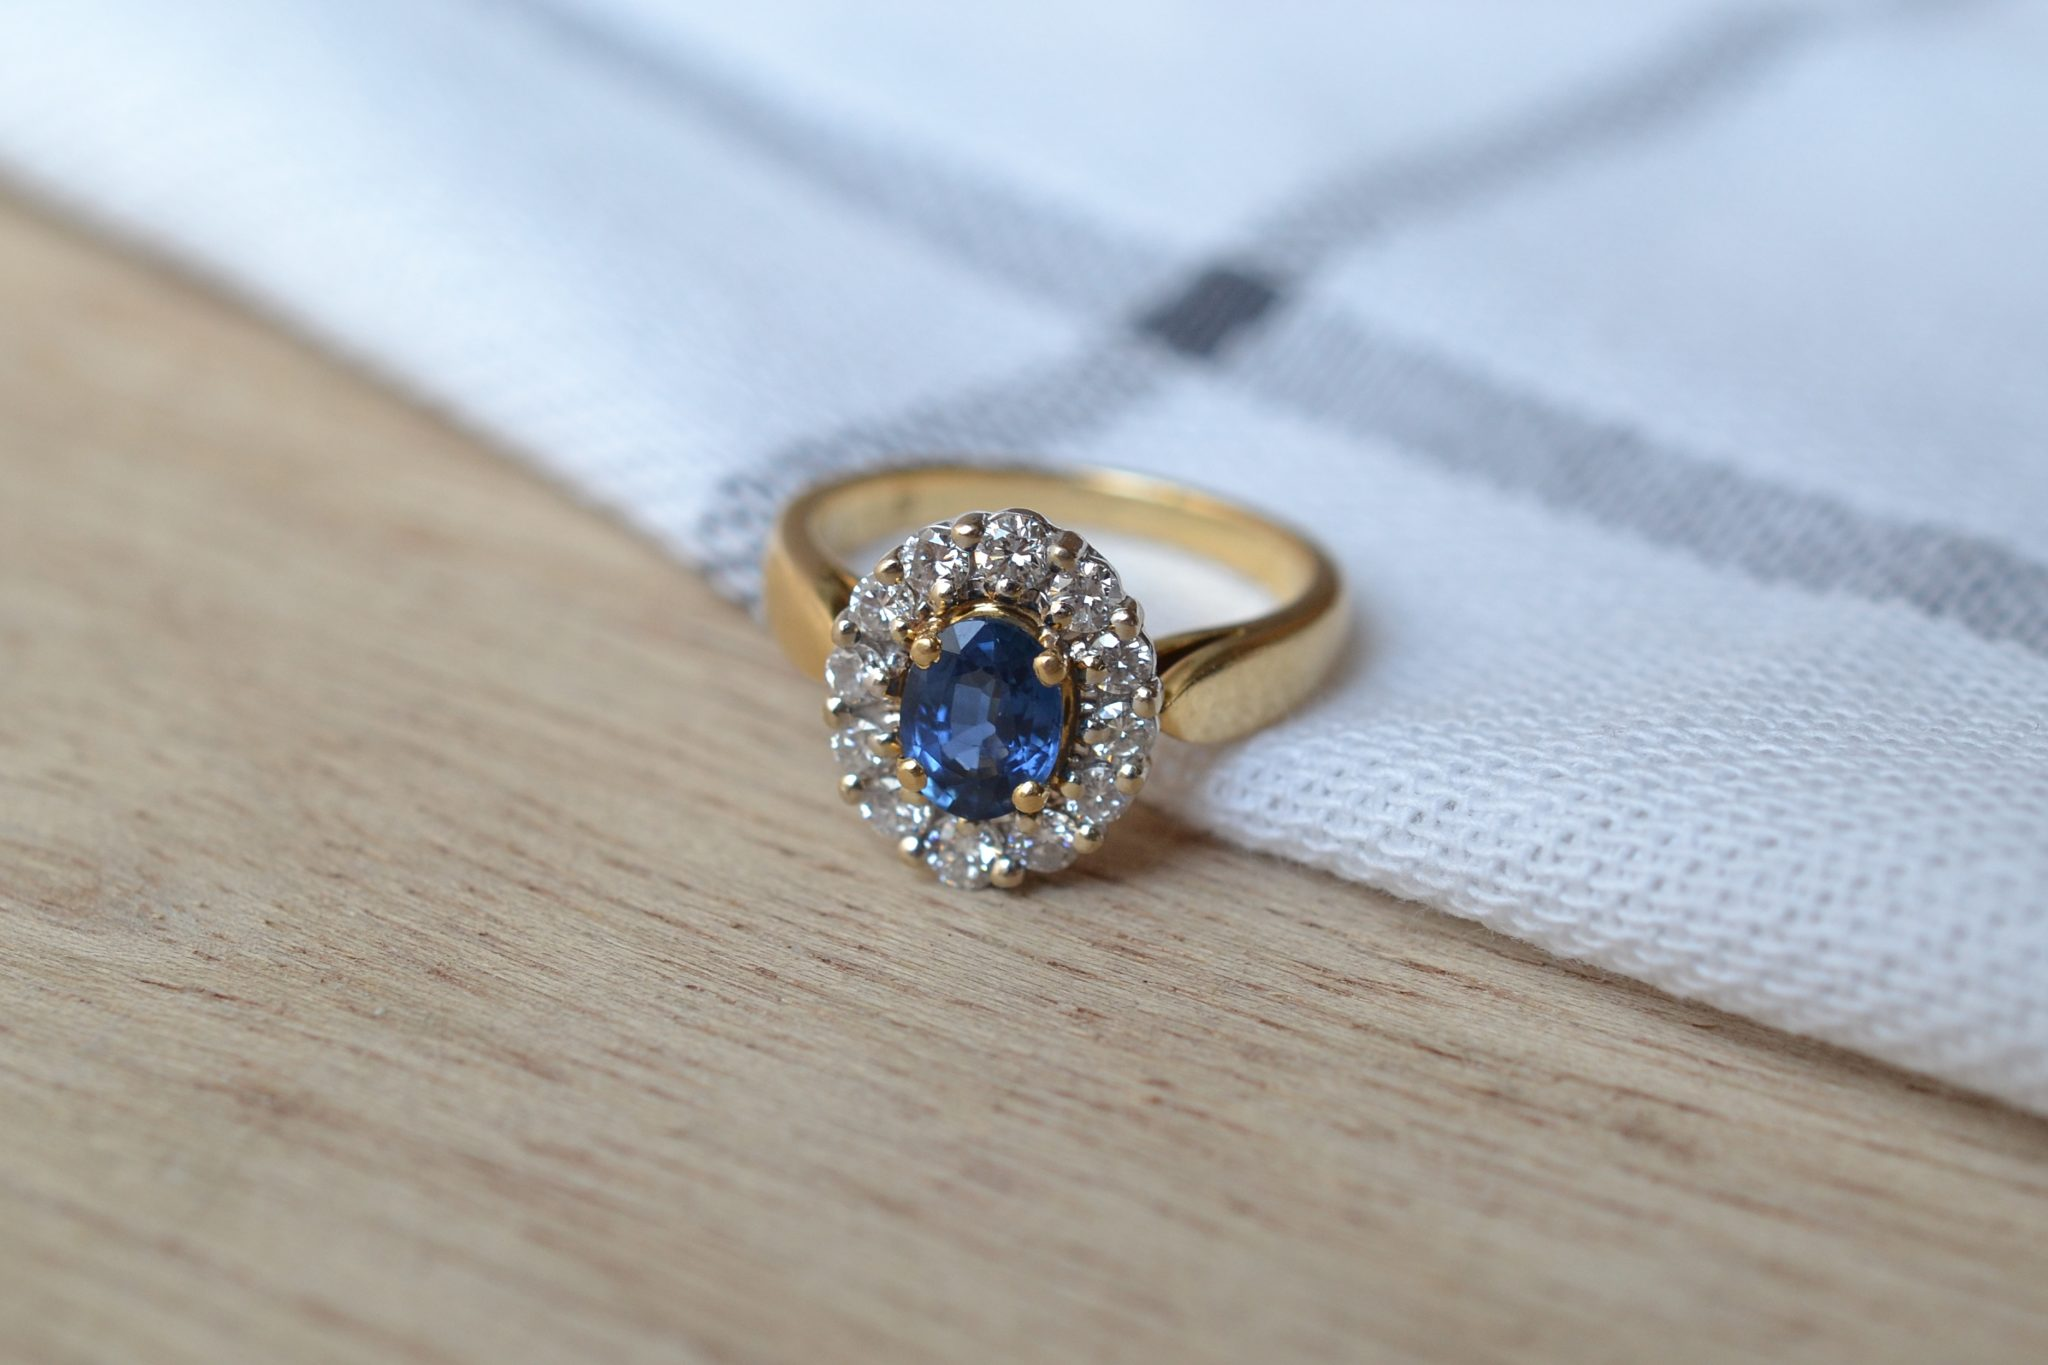 Bague Marguerite En Or Jaune Sertie D_un Saphir Entouré De 12 Diamants - Bague De Fiançailles Vintage